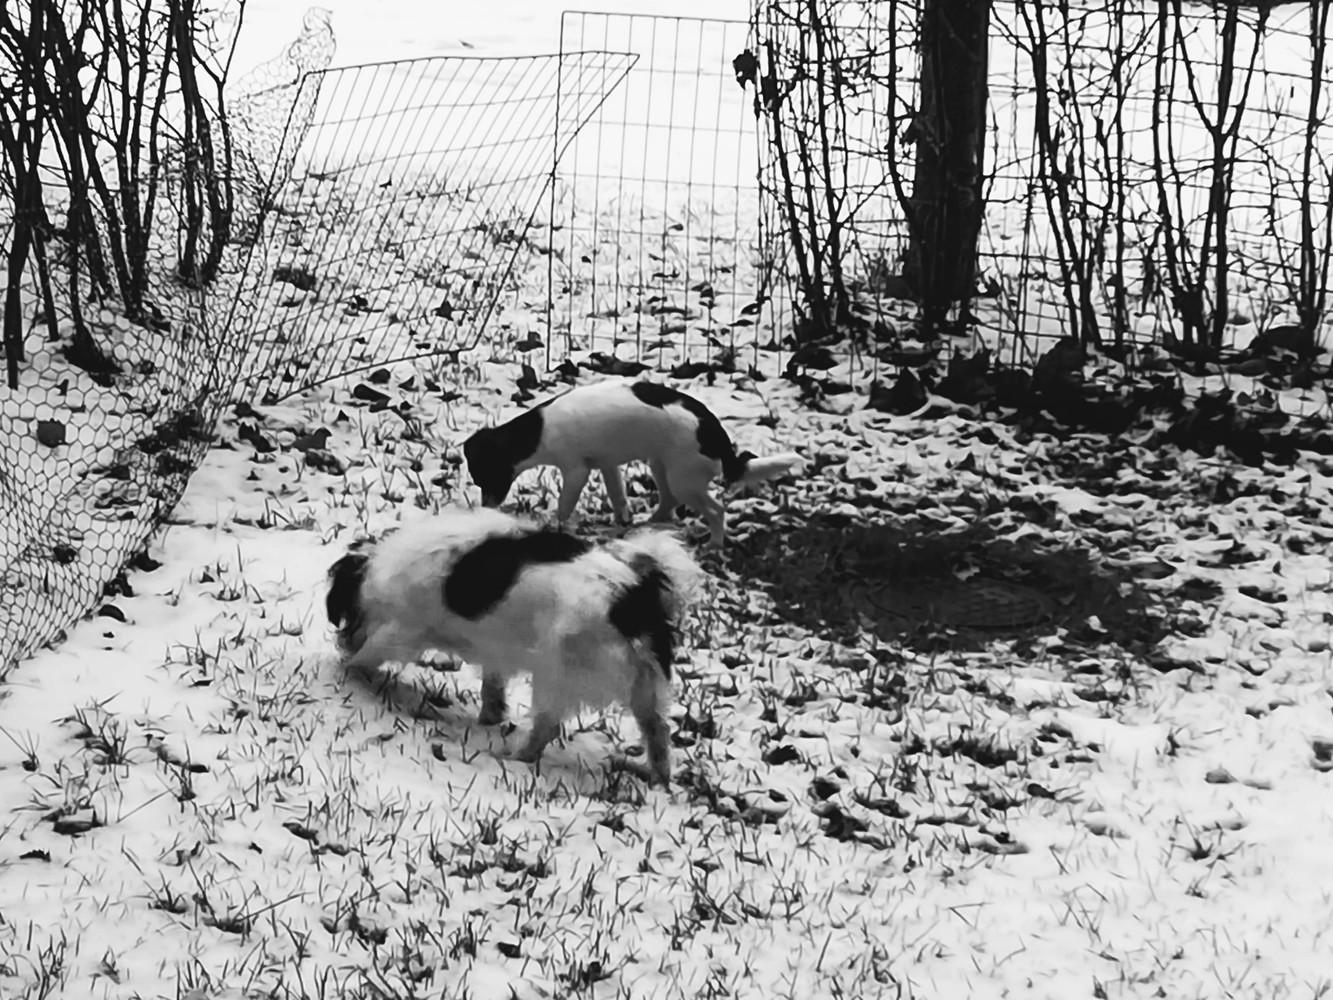 Agility-koiraharrastusvälineitä ja tai puistoja